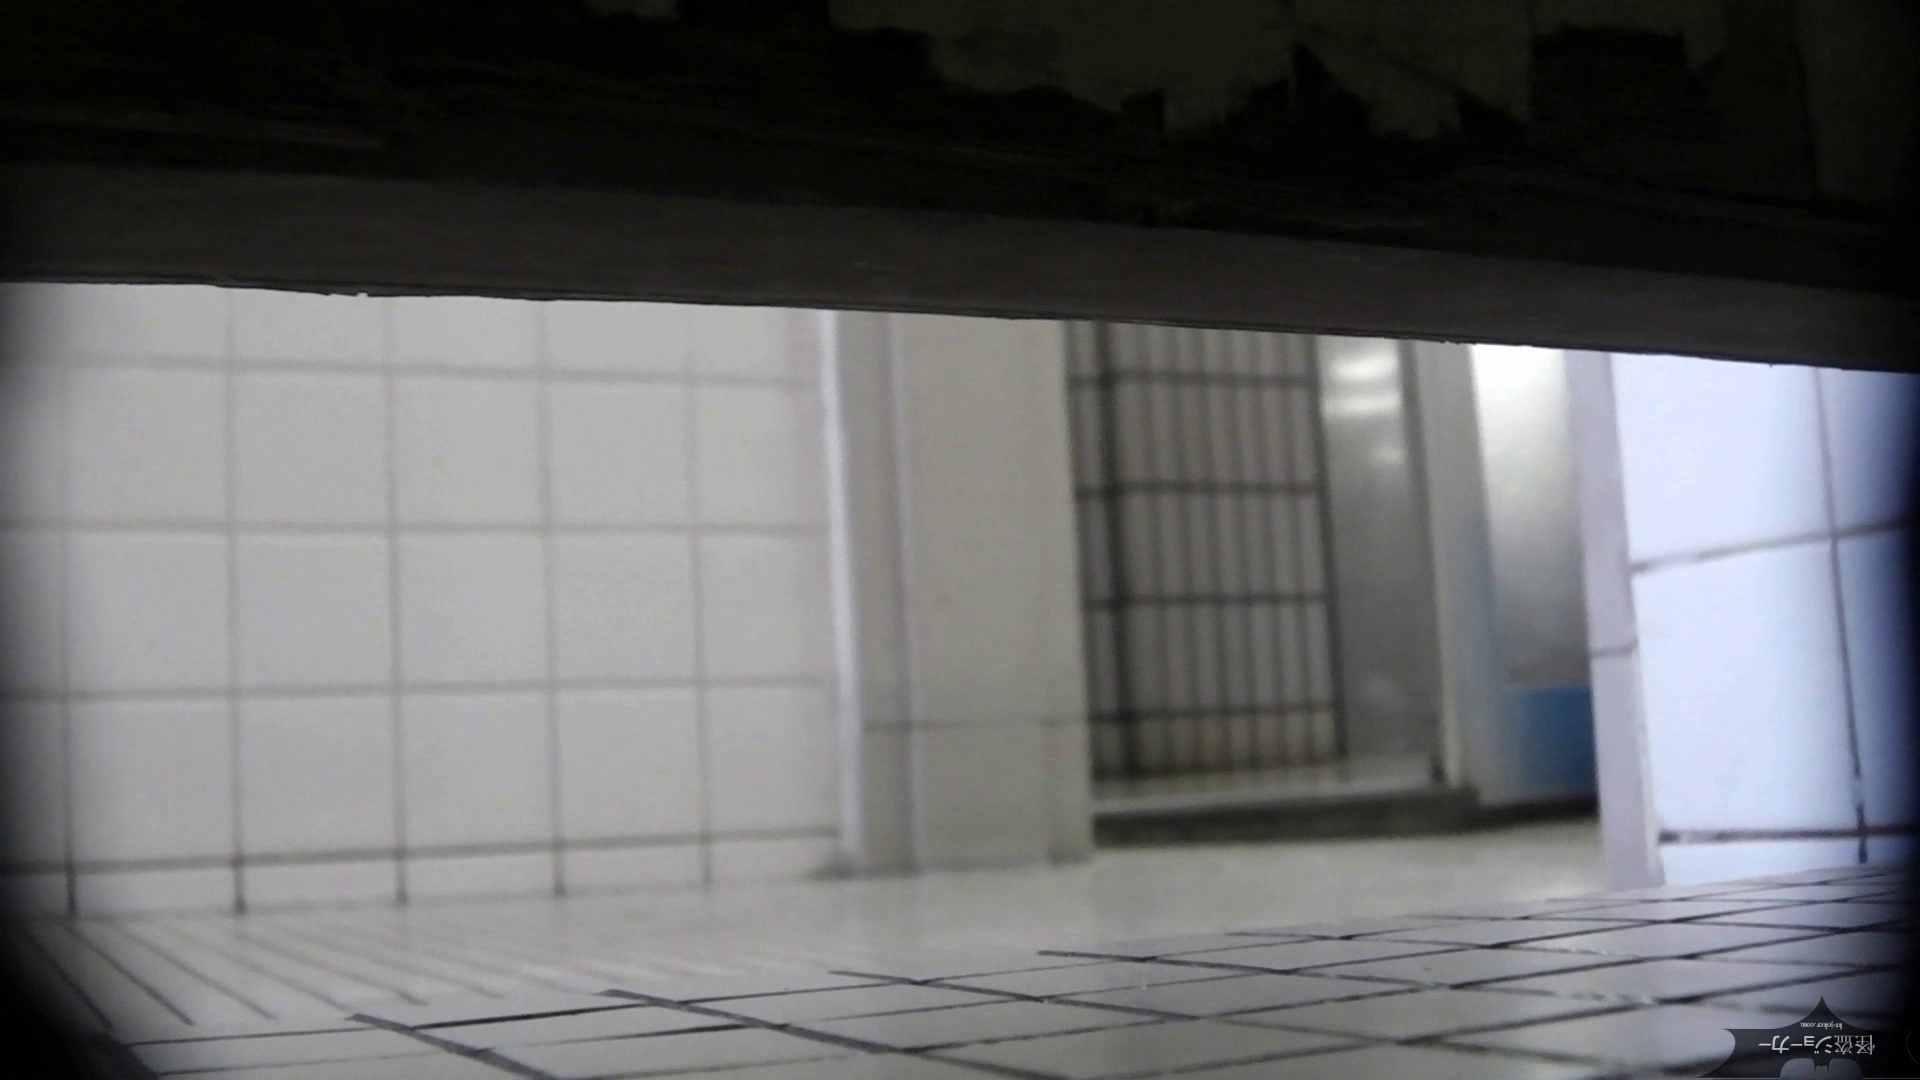 【美しき個室な世界】洗面所特攻隊 vol.051 洗面所  49pic 22